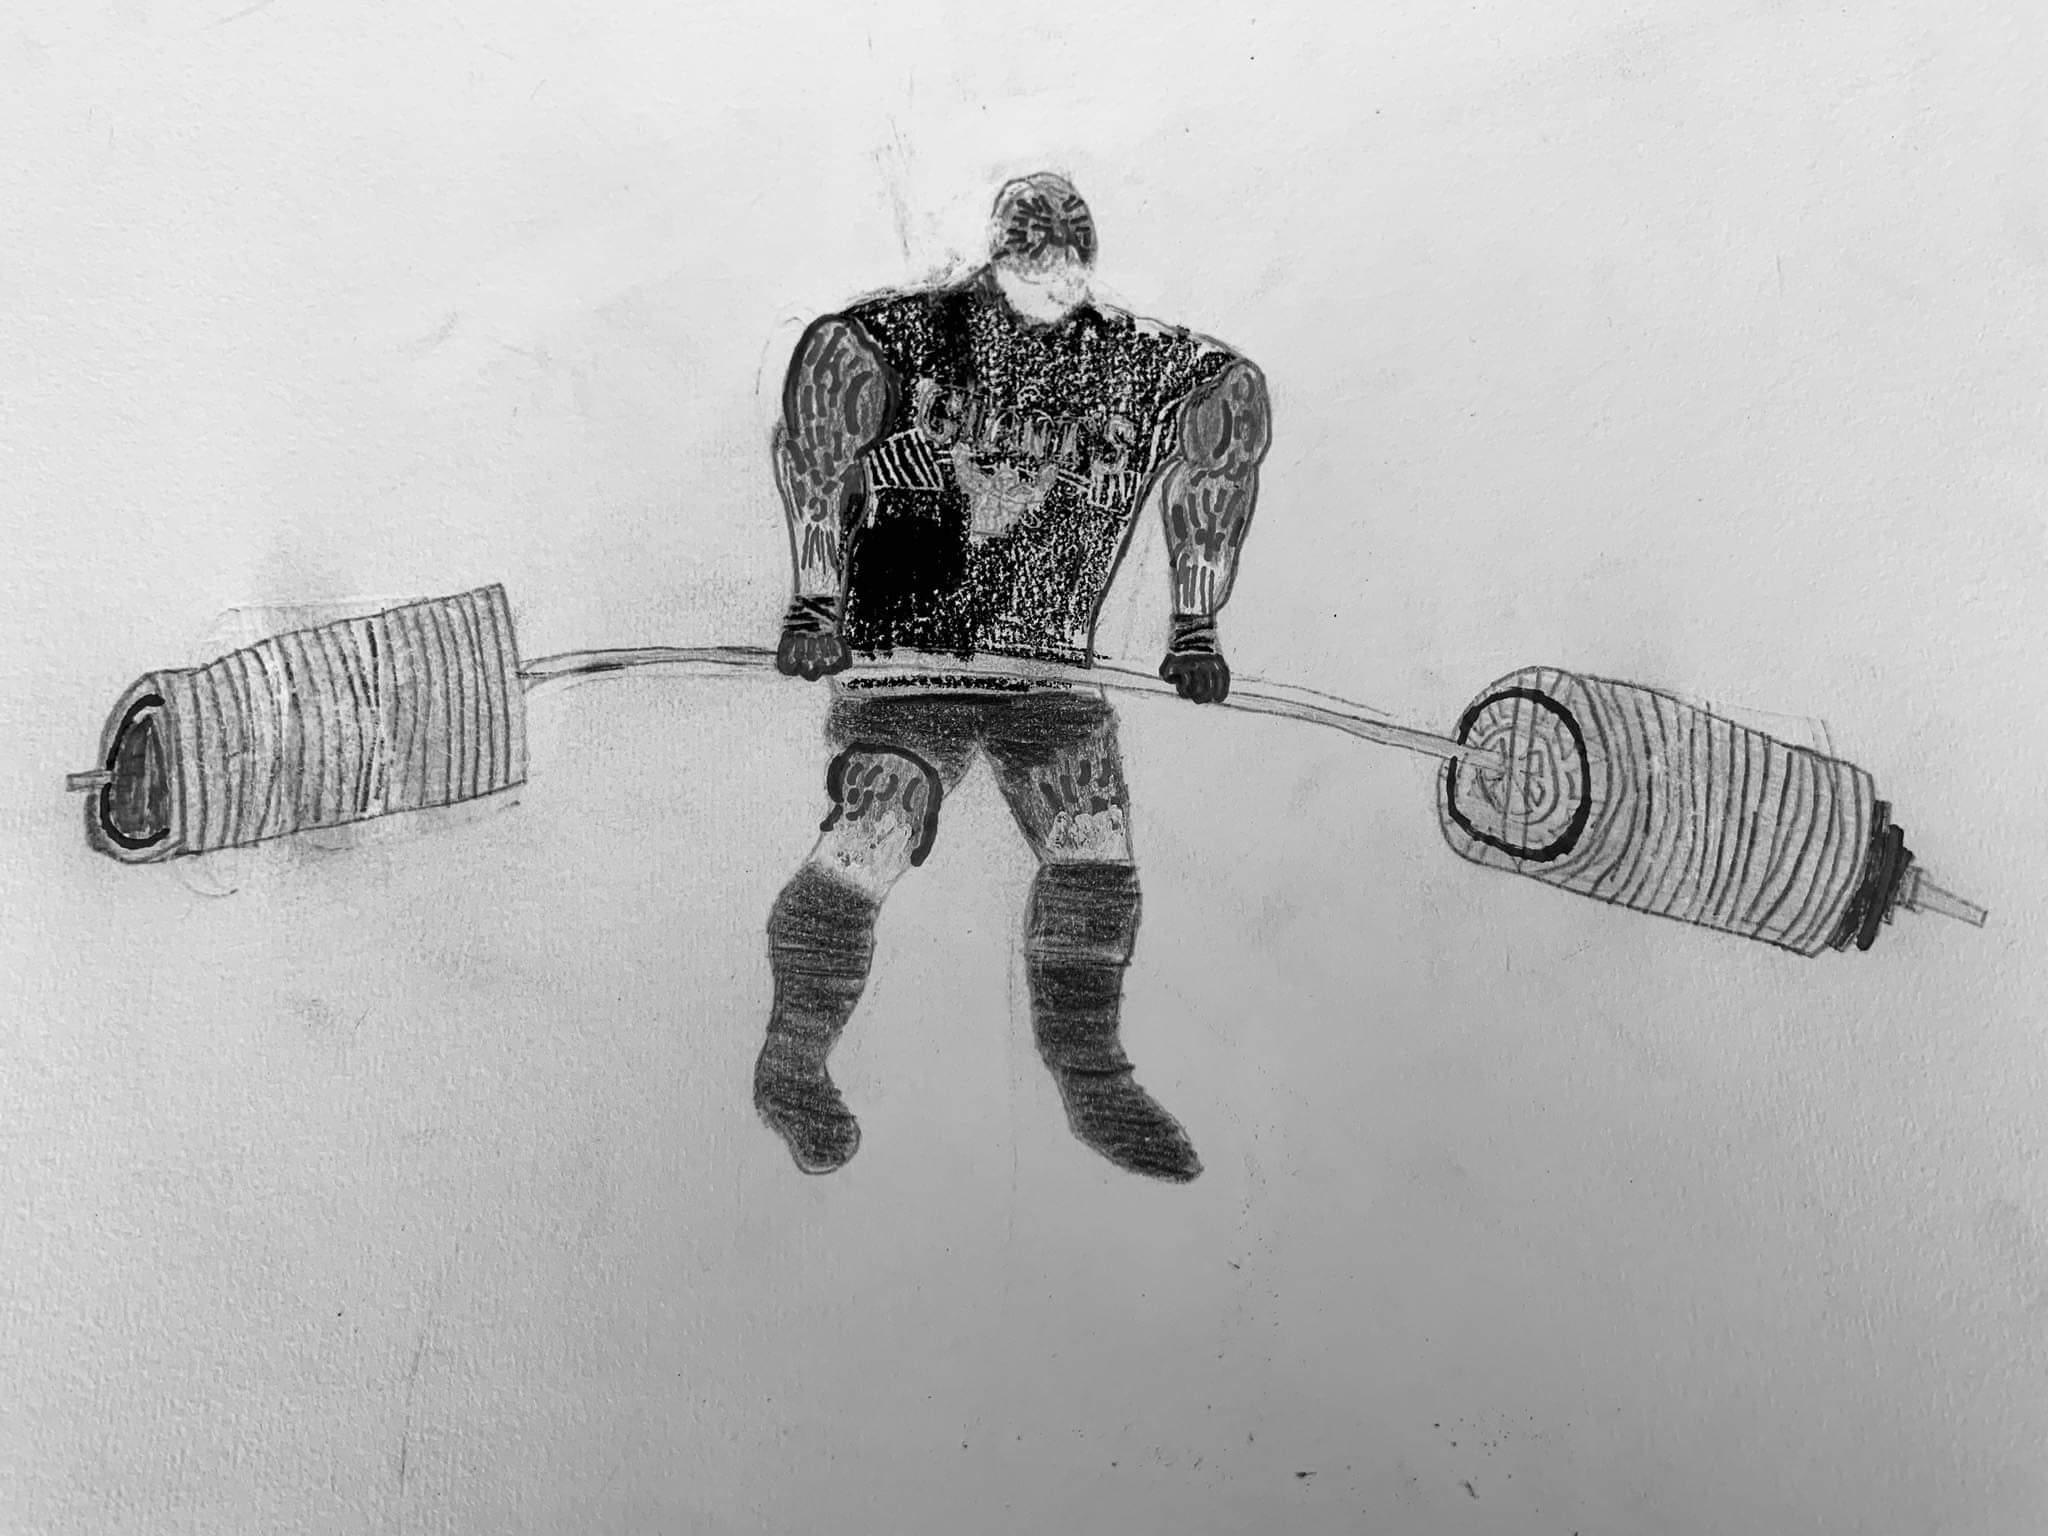 Αγάπη για το Άθλημα της Άρσης Βαρών μέσα από τις Ζωγραφιές του νεαρού Πάρη